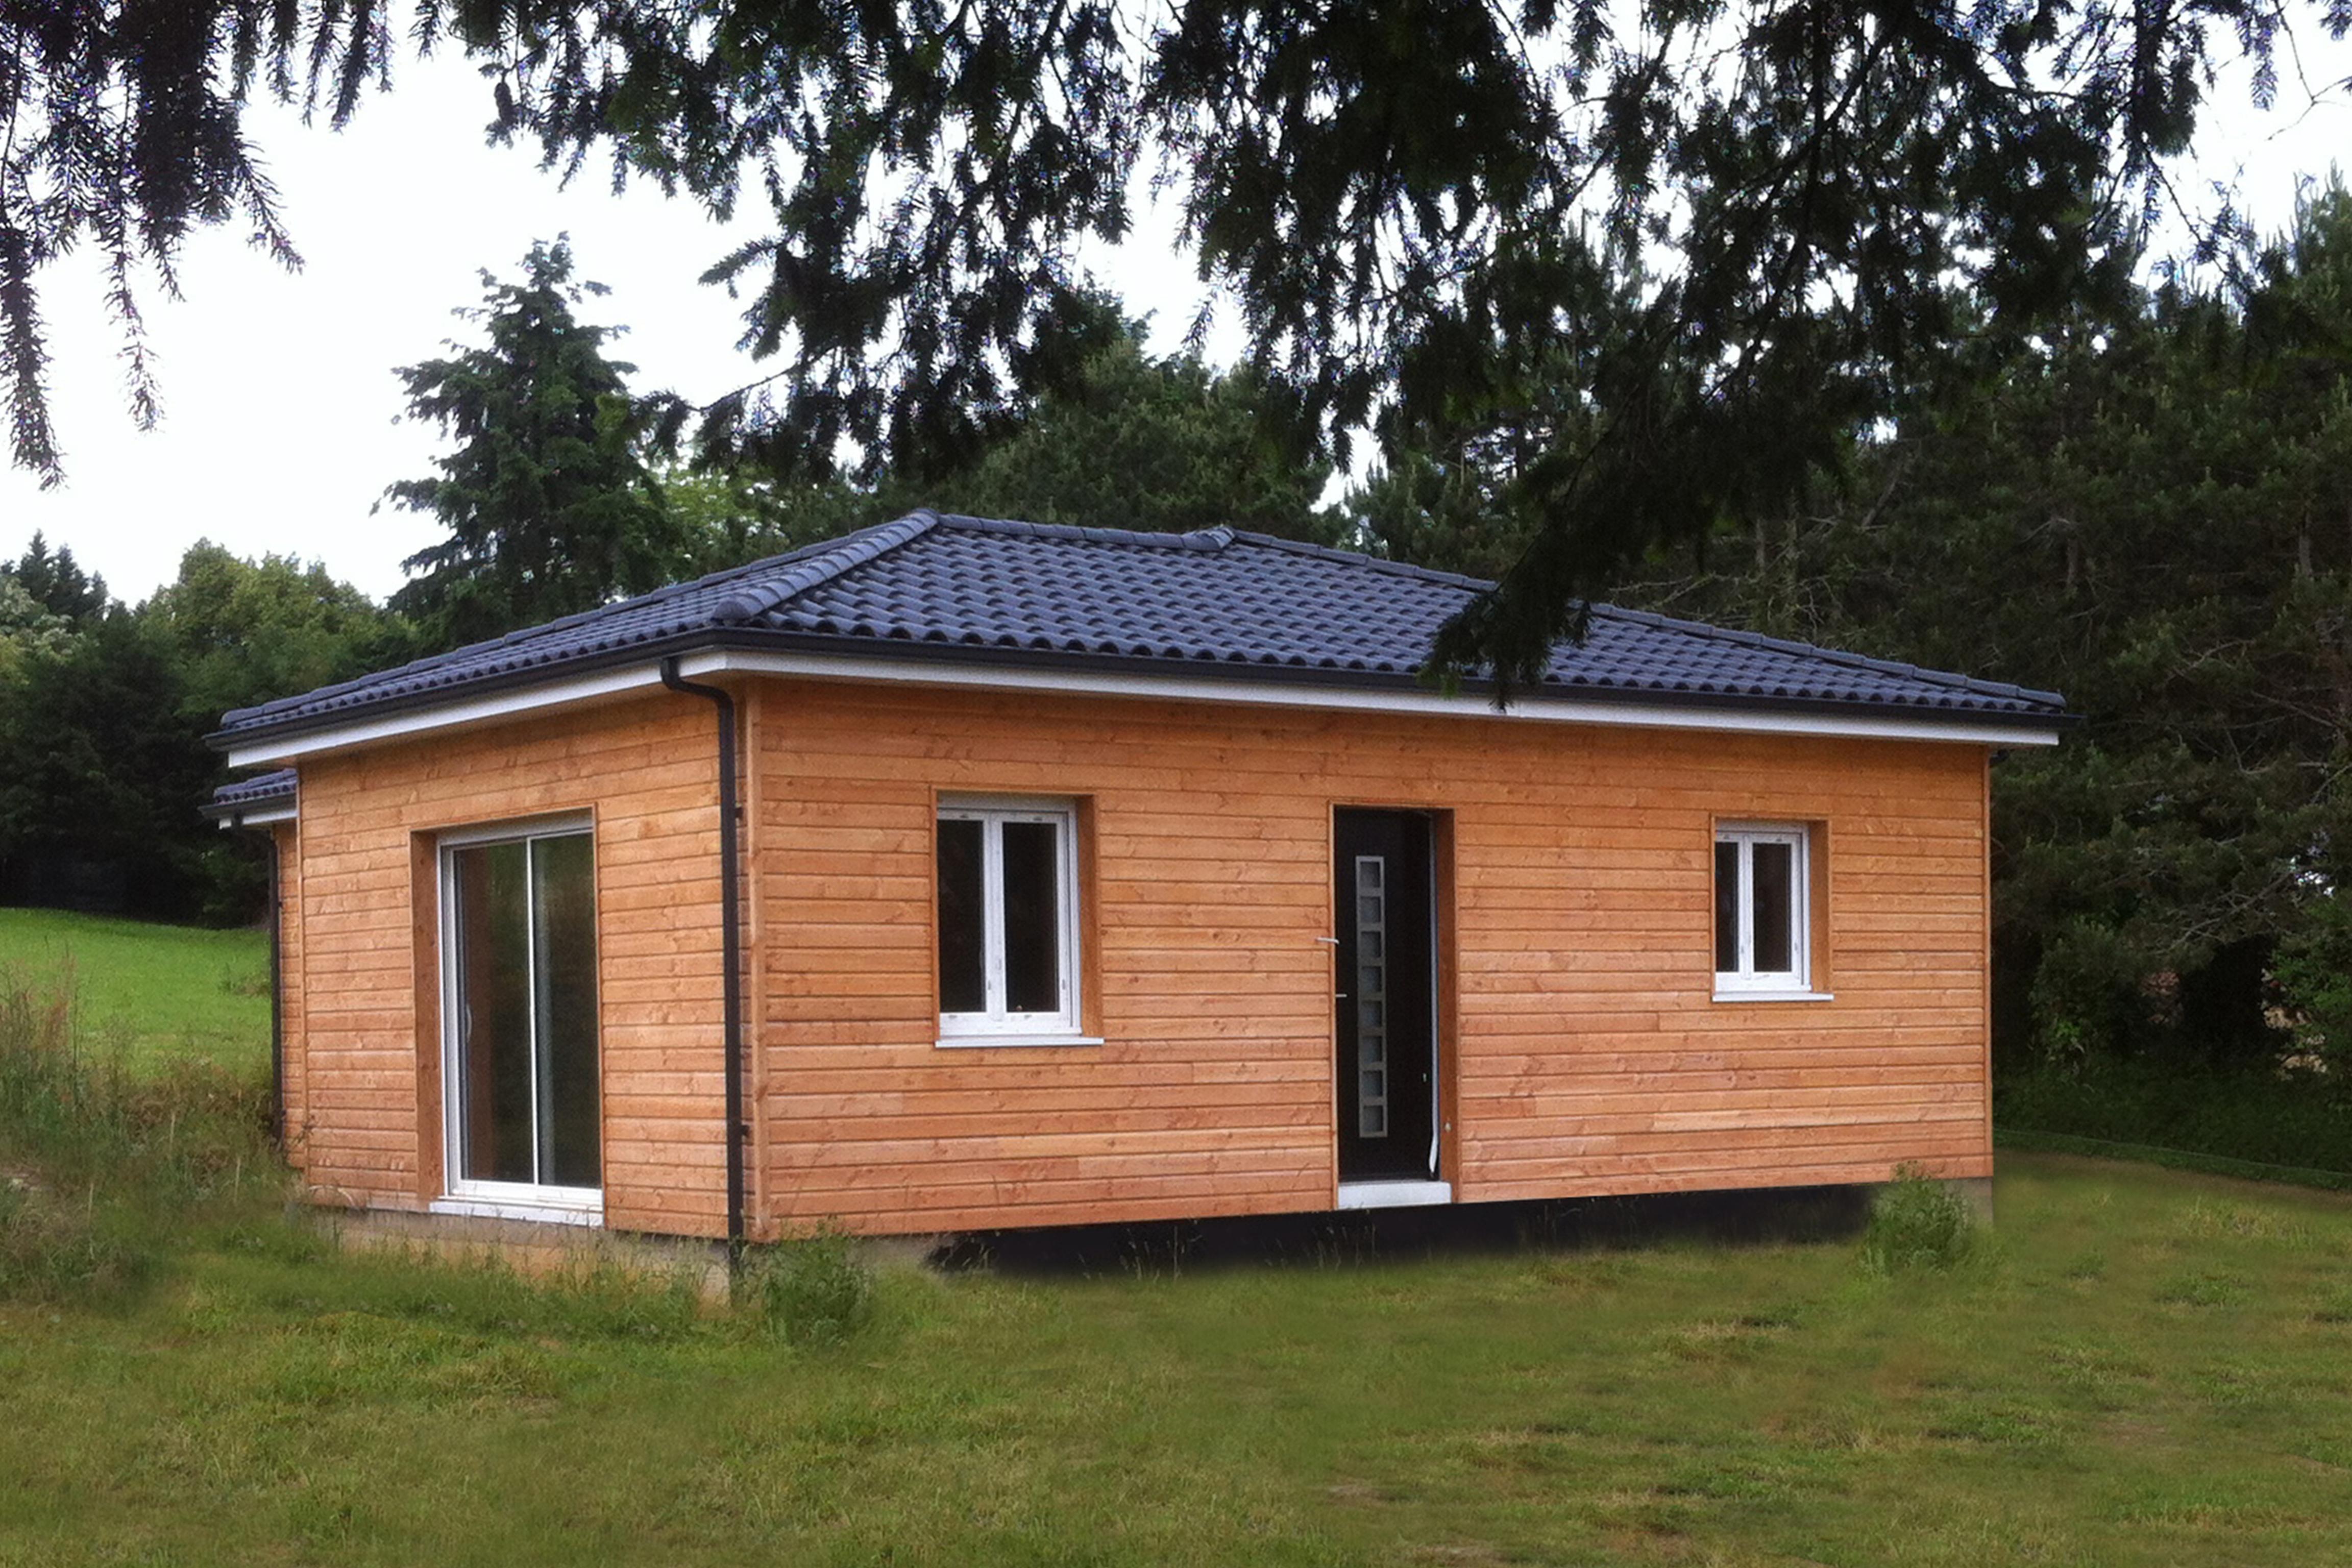 constructeur maison en bois bbc ventana blog. Black Bedroom Furniture Sets. Home Design Ideas